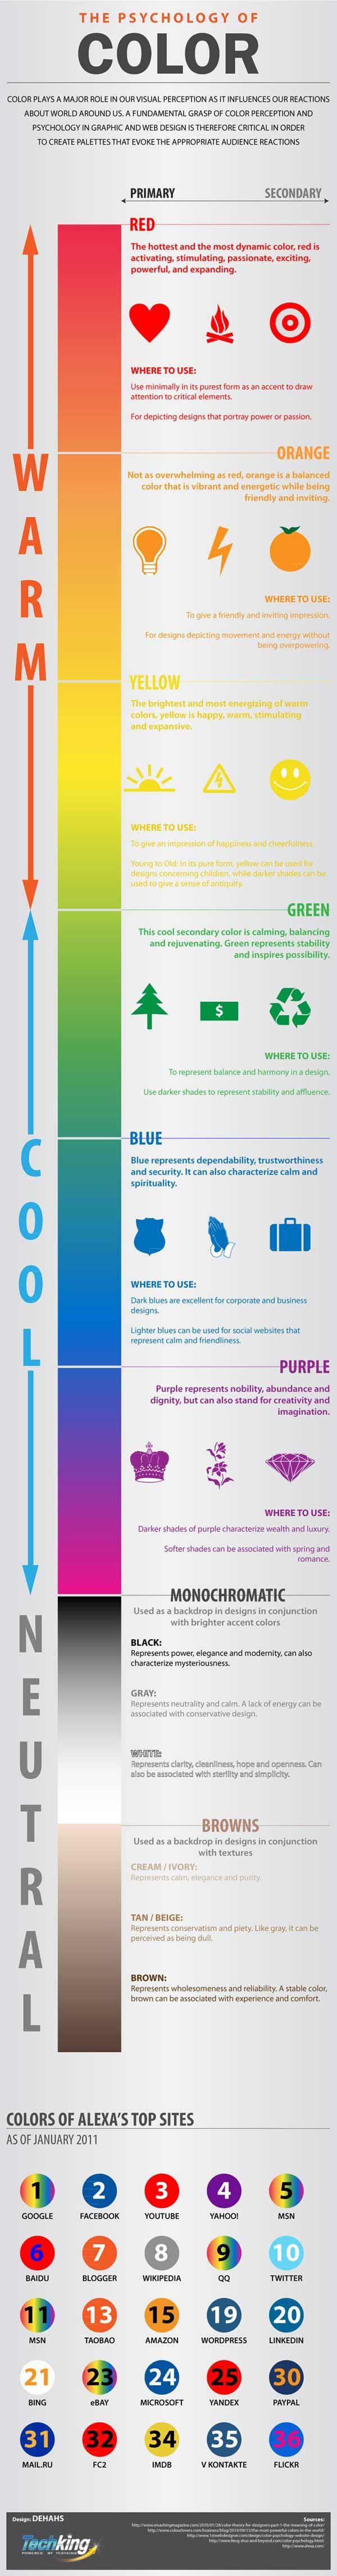 The Psychology of color.  La psicología del color.